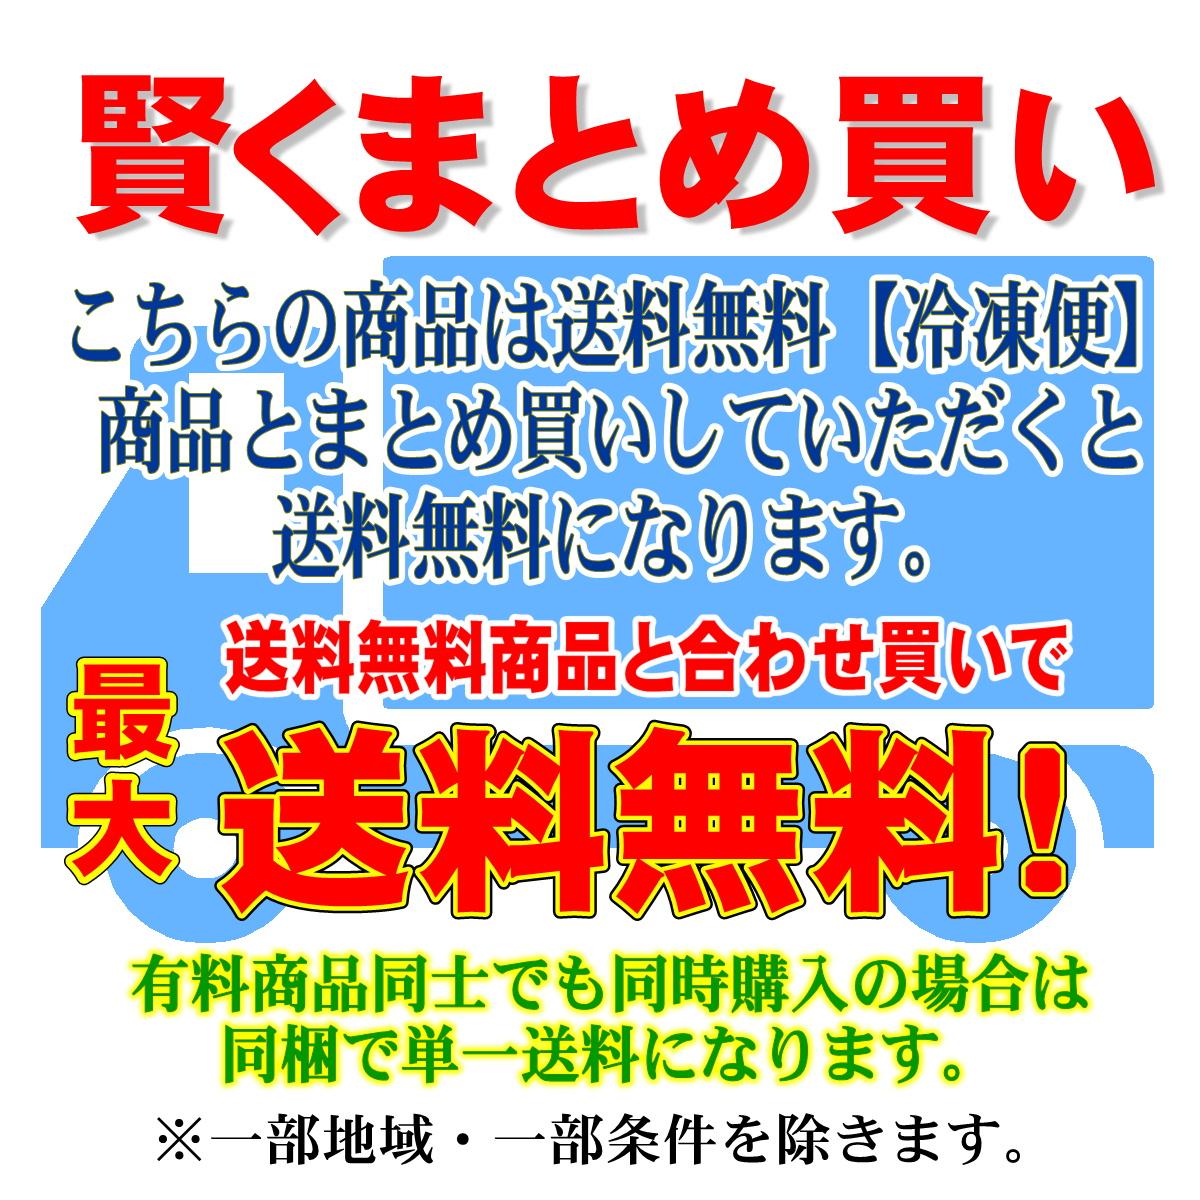 クリーミー コロッケ 6個入り×8パック【北海道産の帆立を使った】(冷凍便)